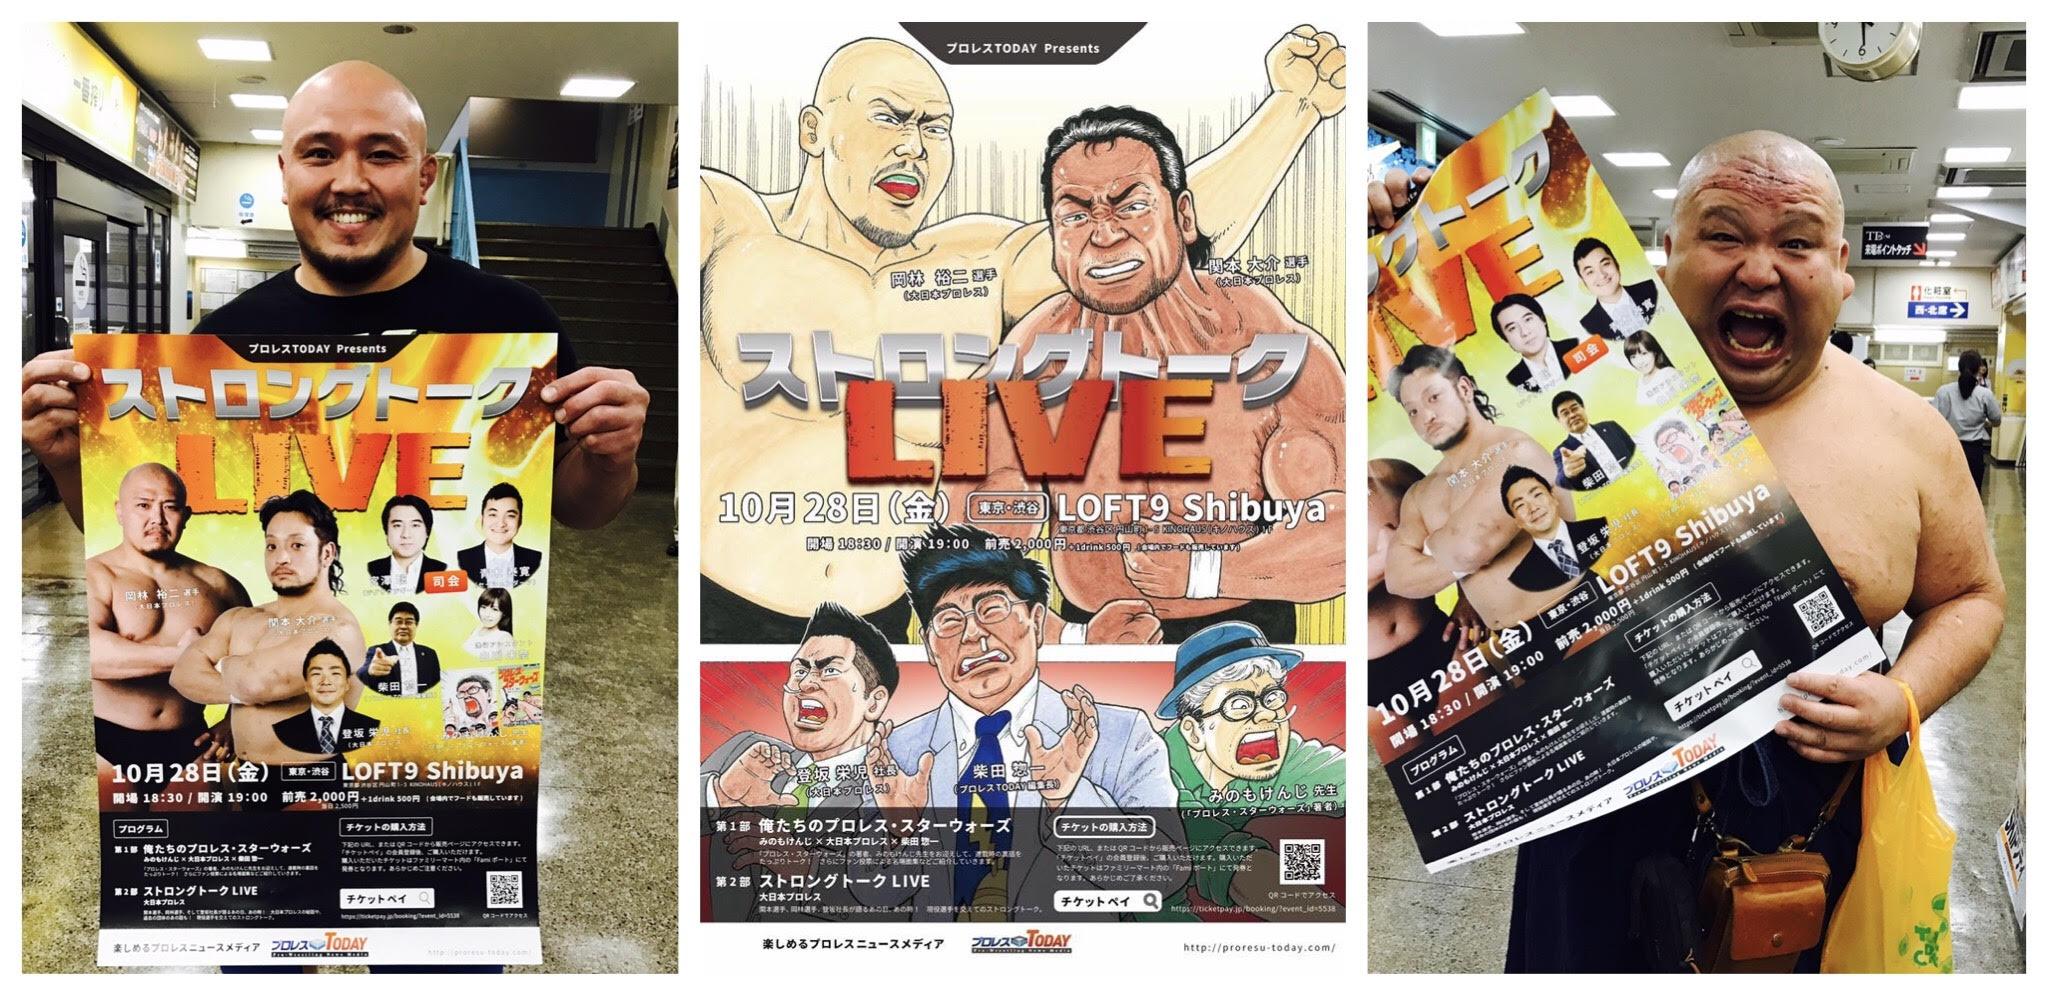 【今週28日開催】プロレスTODAY主催『ストロングトークLIVE』10/28(金)渋谷ロフト9 盛り上がって来ました!!